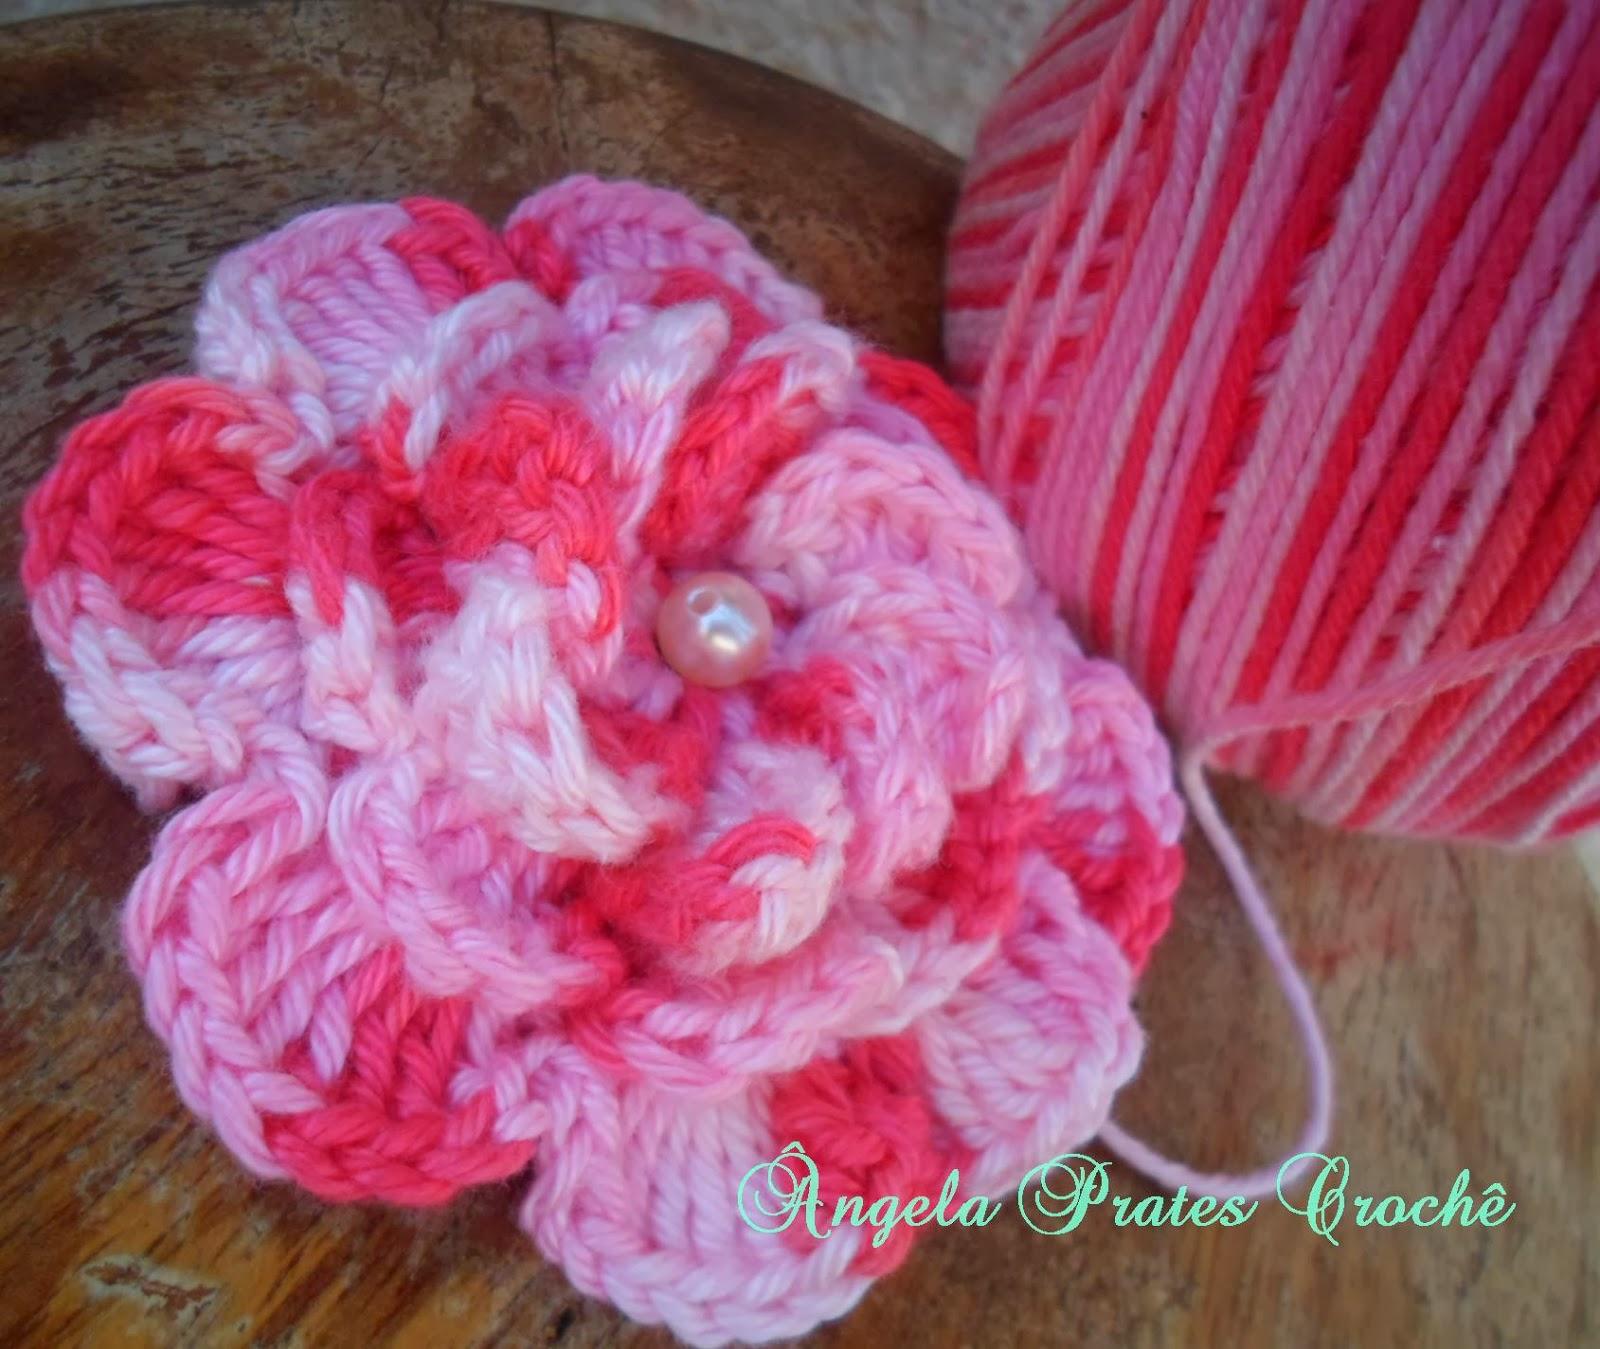 Ângela Prates Croche: Flor para aplicação em croche #B11A3D 1600 1349